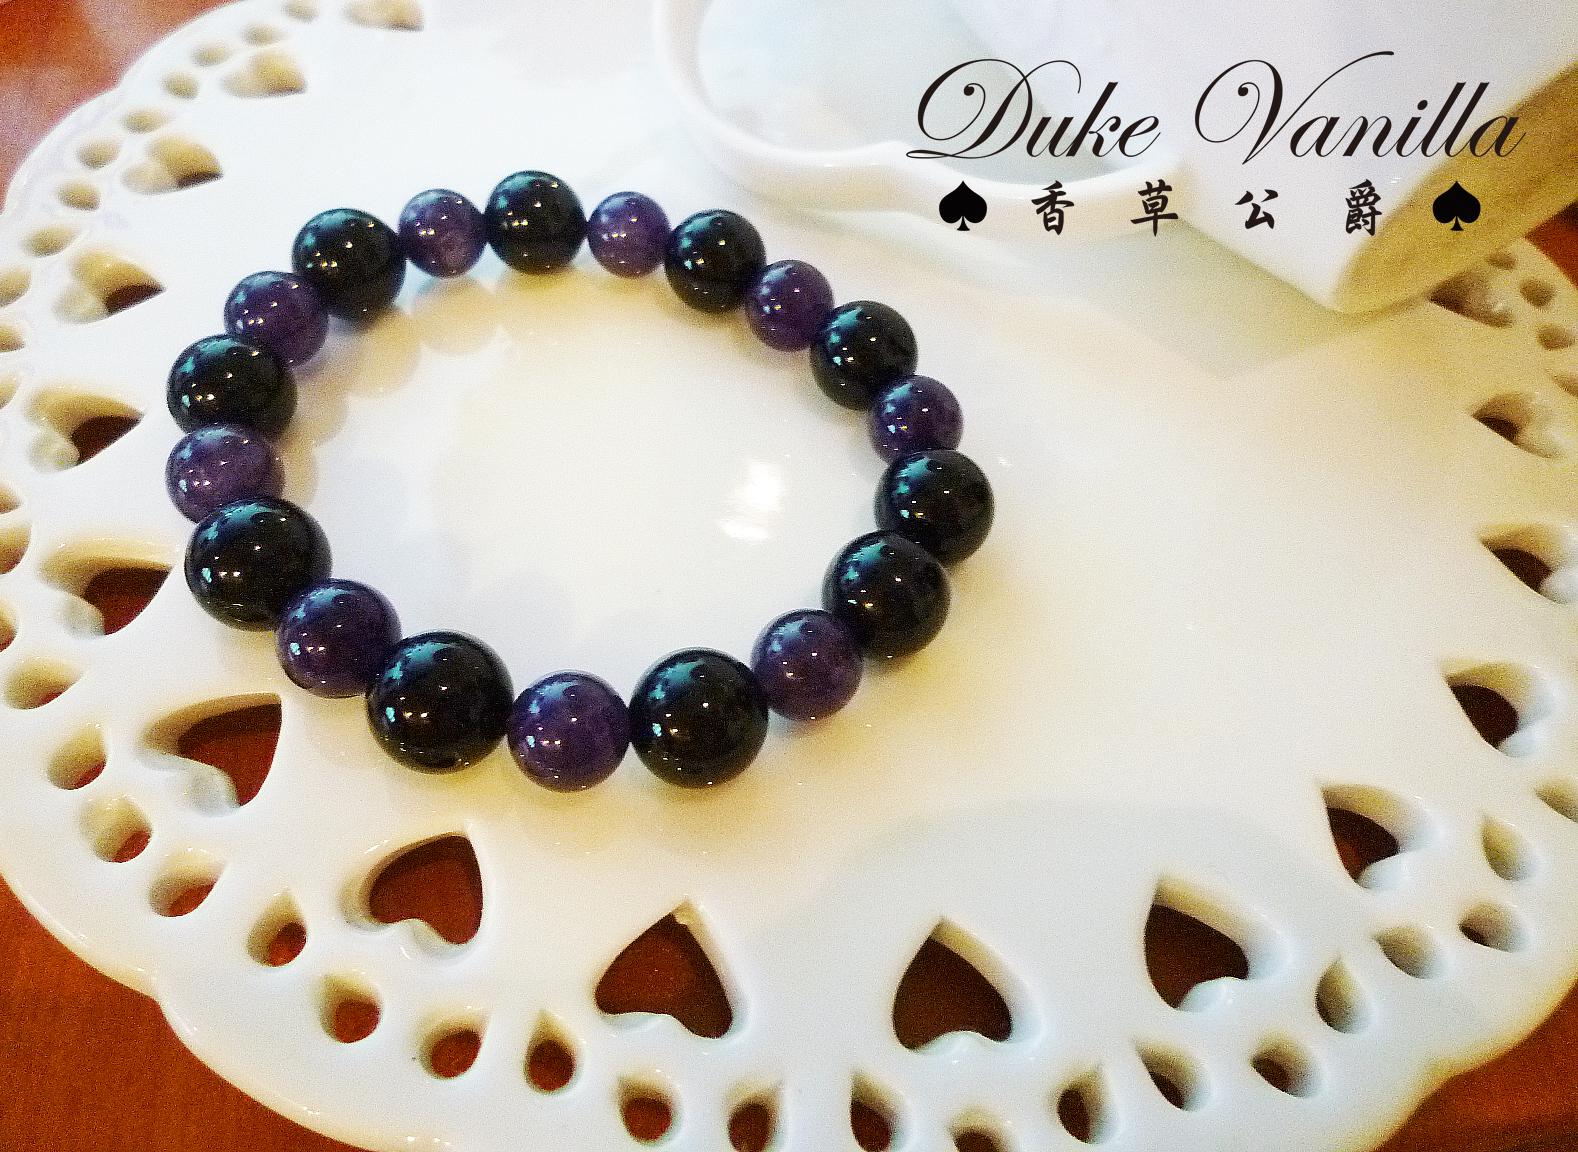 男版黑瑪瑙紫水晶相間手環 - Duke Vanilla 香草公爵